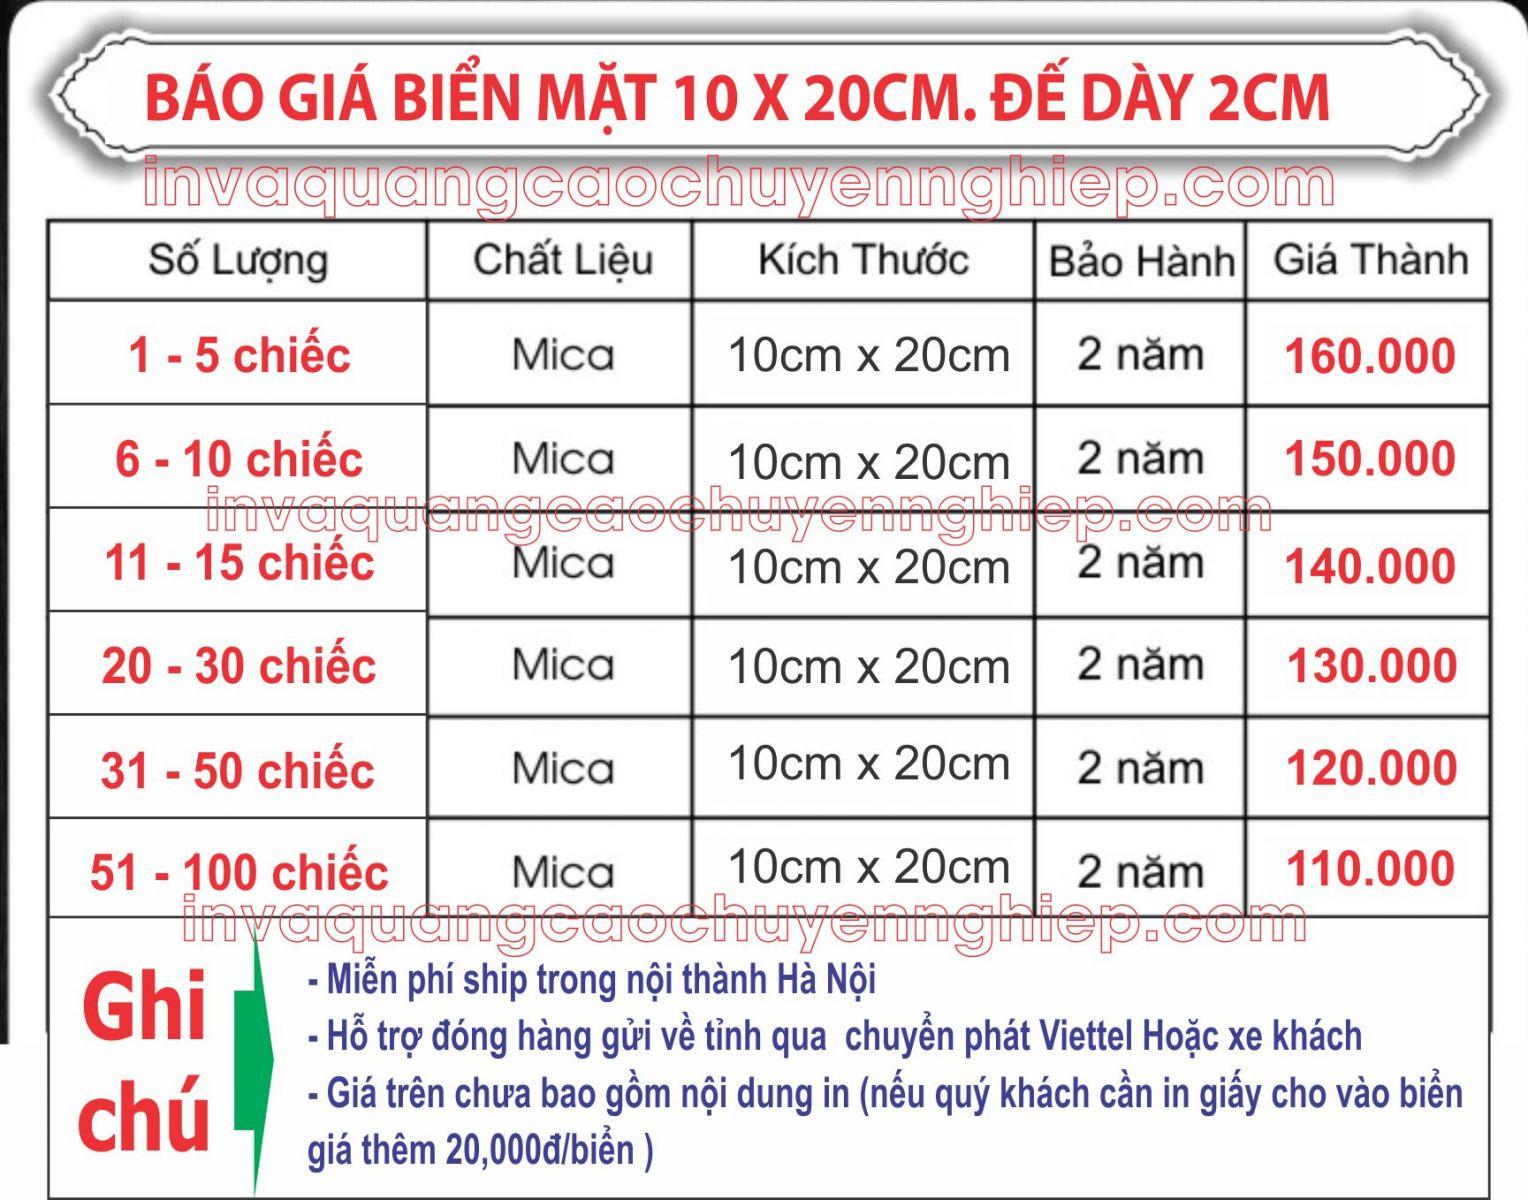 báo giá biển chức danh mica 10x20cm đế dày 2cm